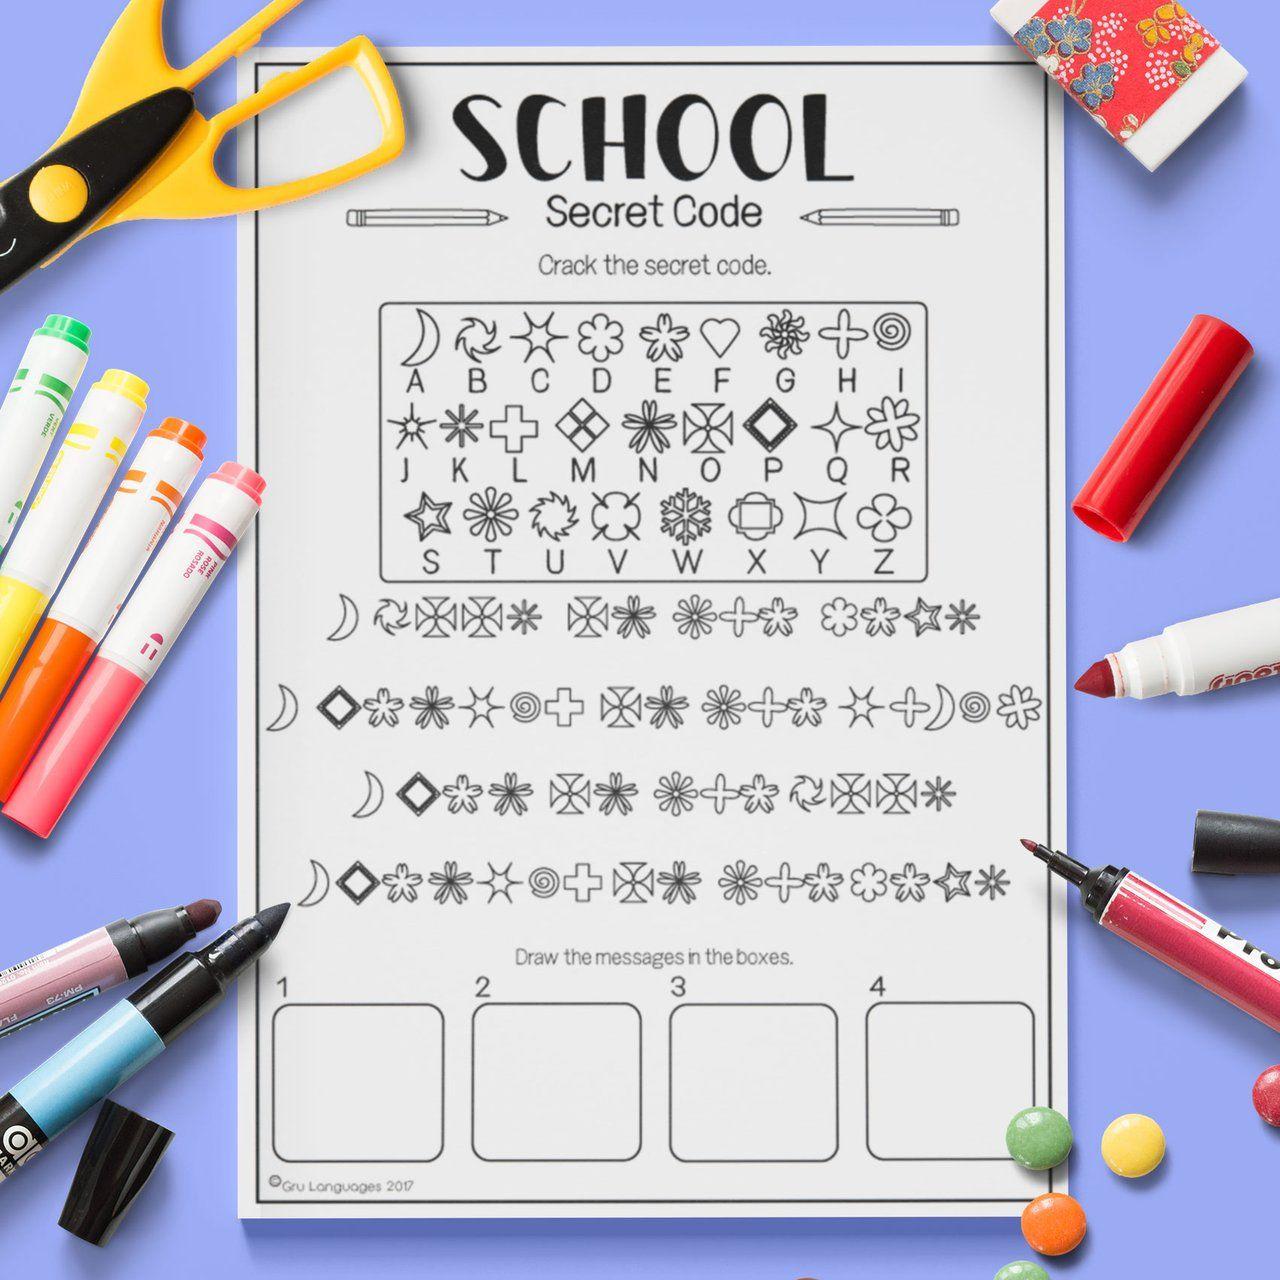 School Secret Code